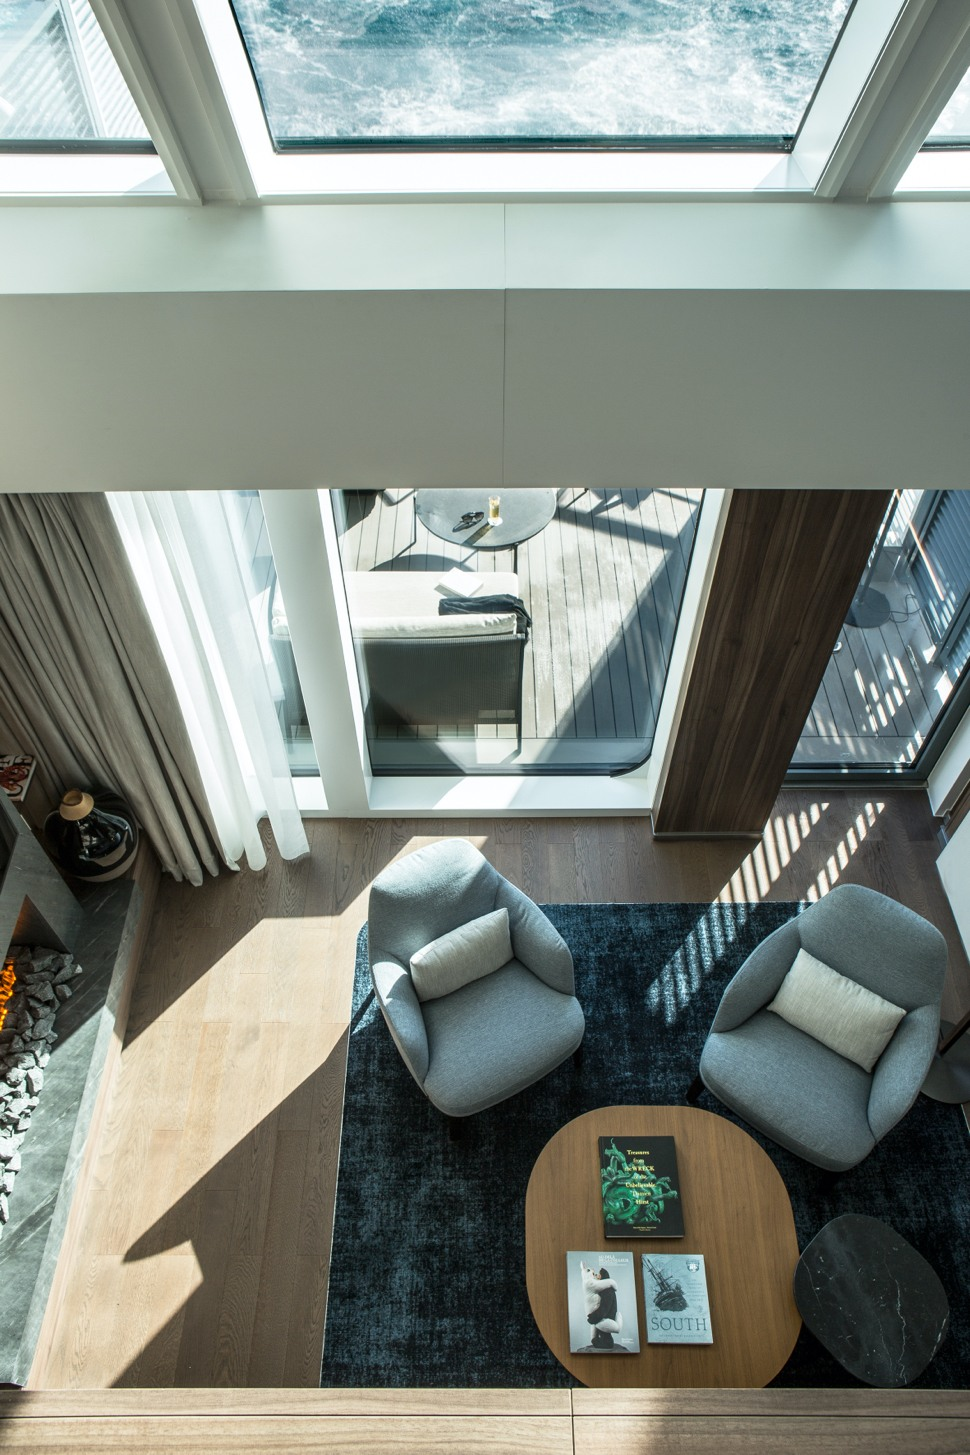 The Duplex suites